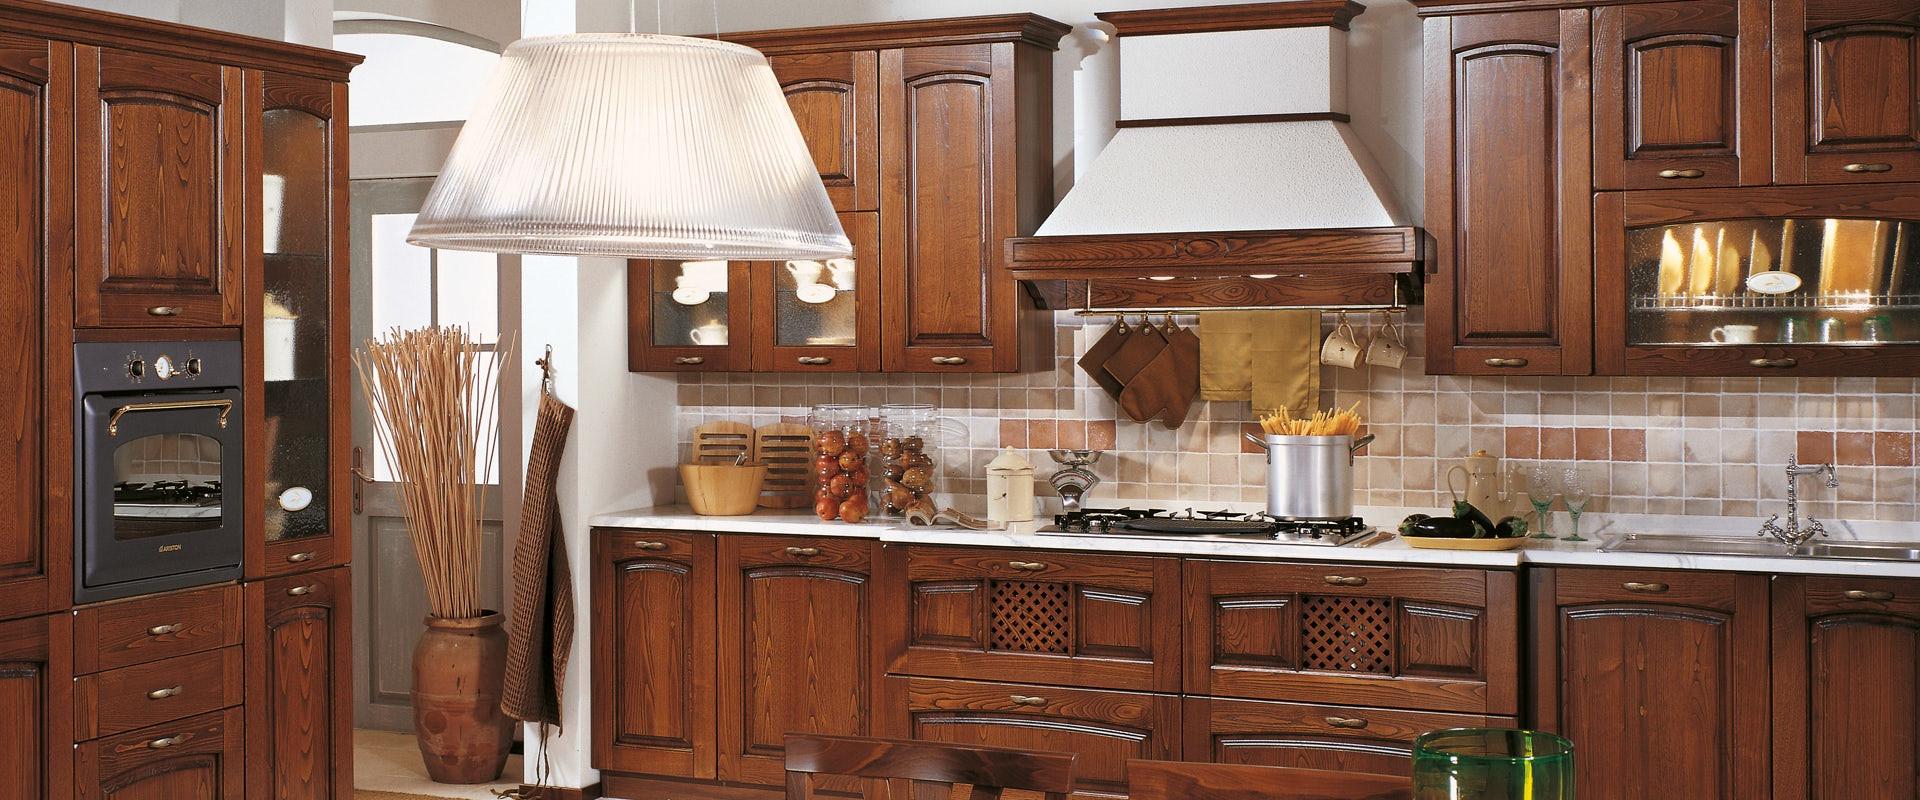 stosa-cucine-classiche-focolare-40.jpg